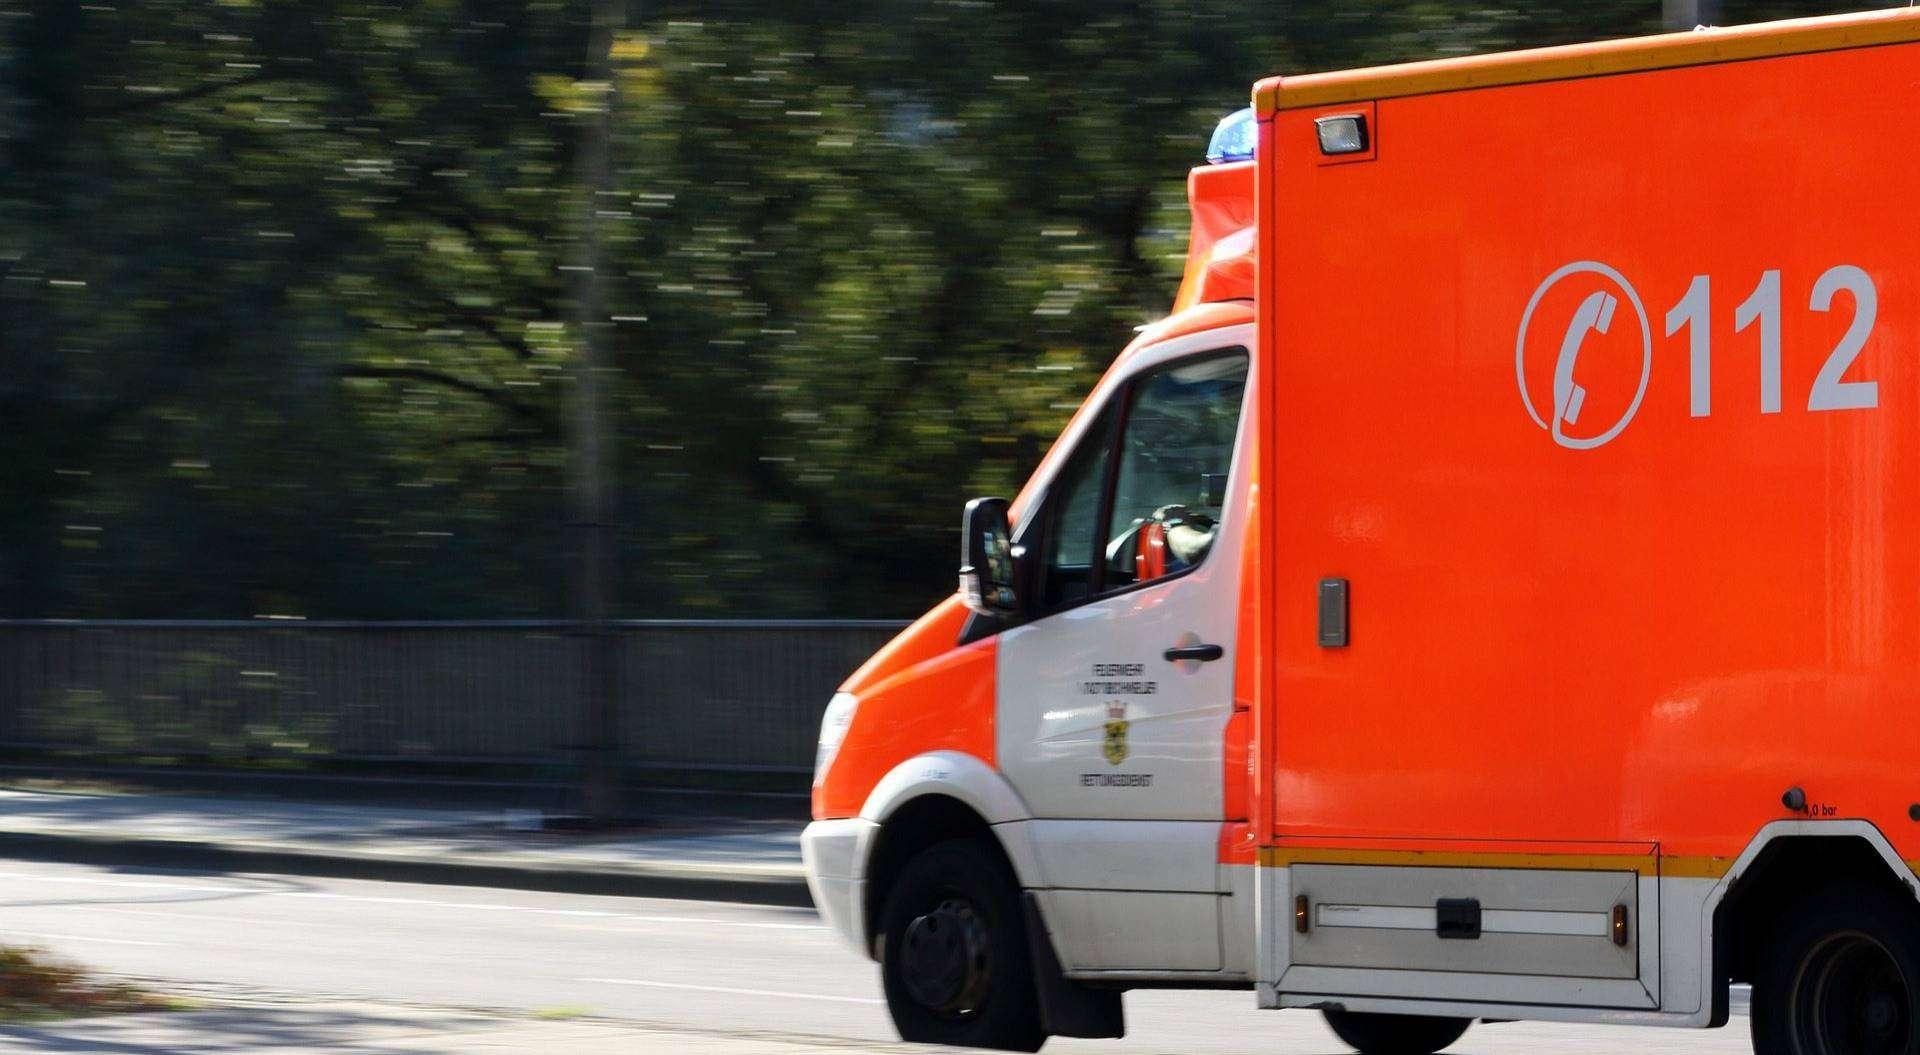 Die von Bundesgesundheitsminister Spahn beabsichtigte Überführung des kommunalen Rettungsdienstes in eine Bundesverwaltung stößt im Landkreis Verden auf massive Kritik.